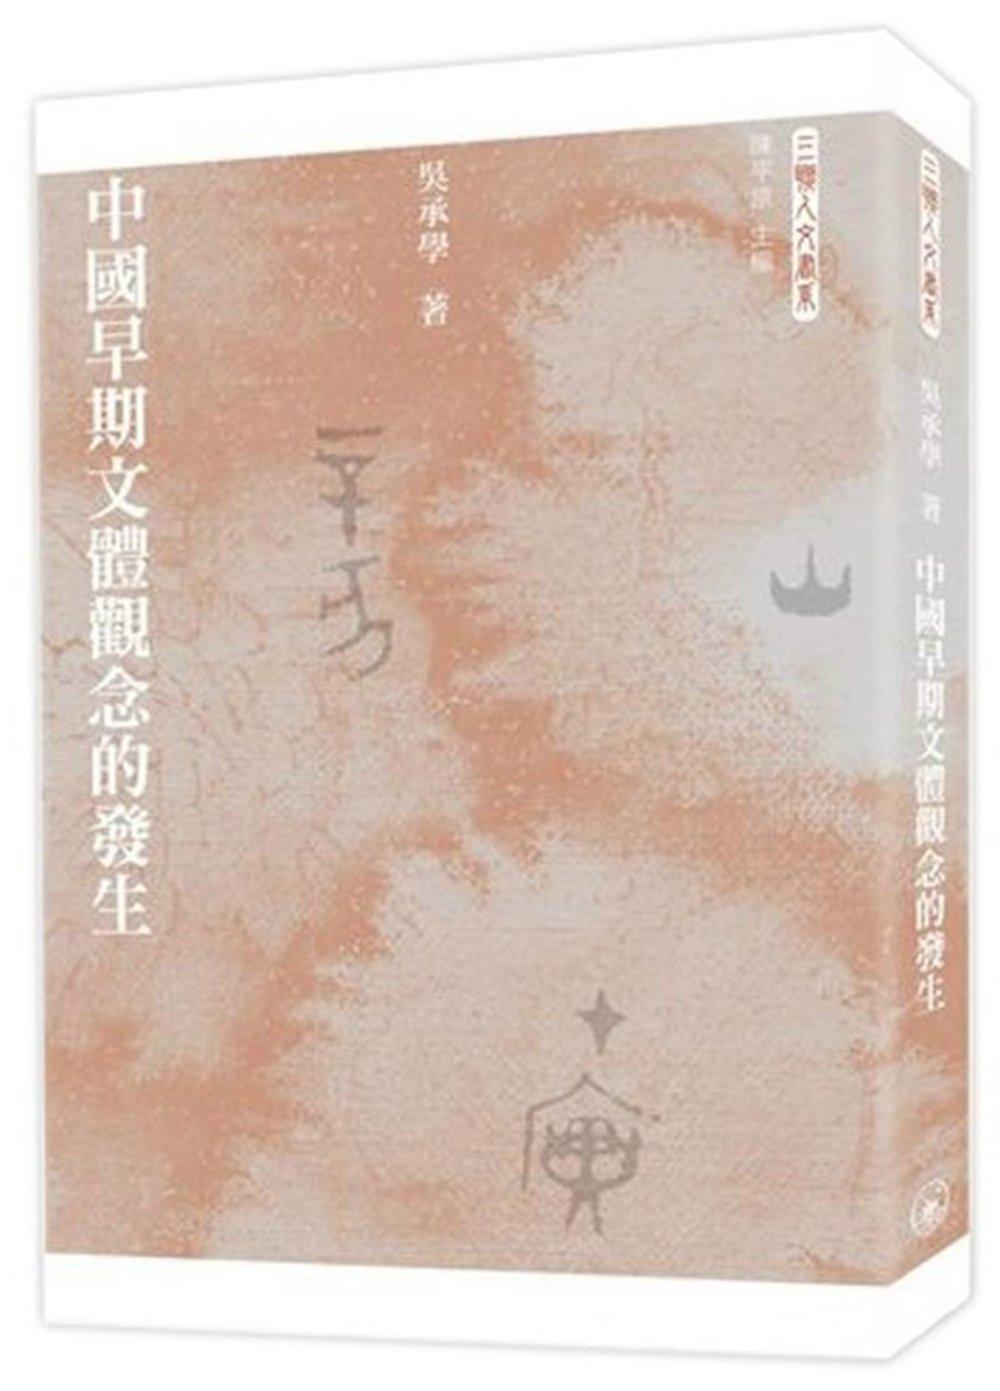 中國早期文體觀念的發生